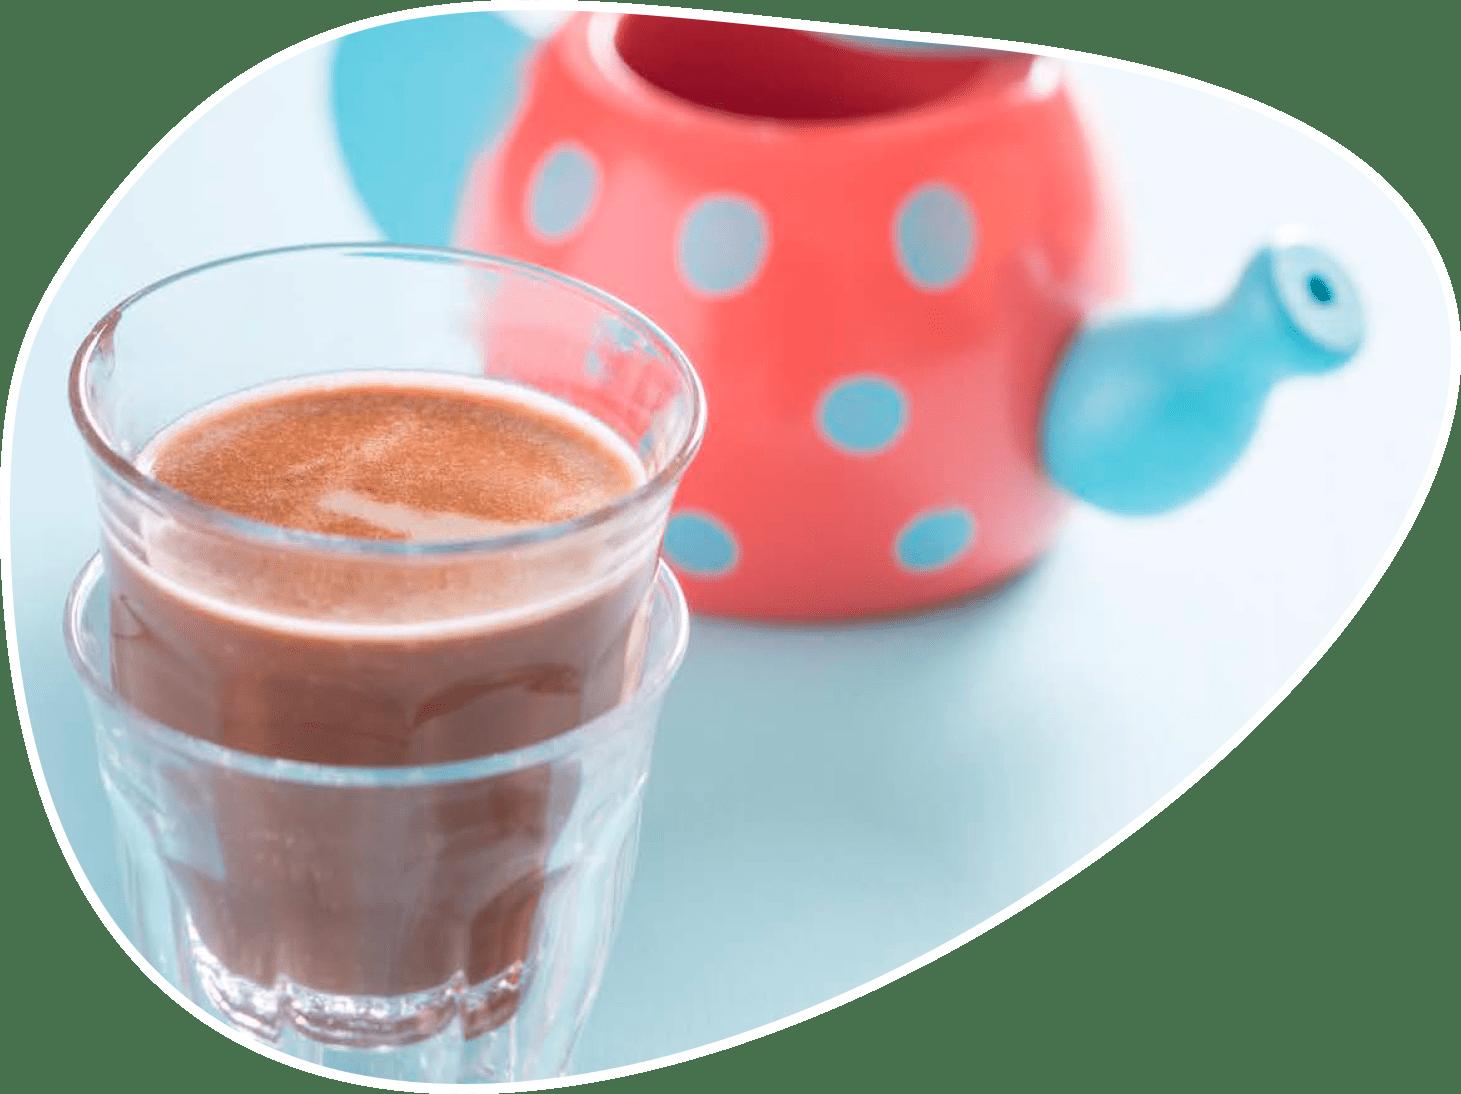 Recette chocolat chaud pour bébé | Bébé M